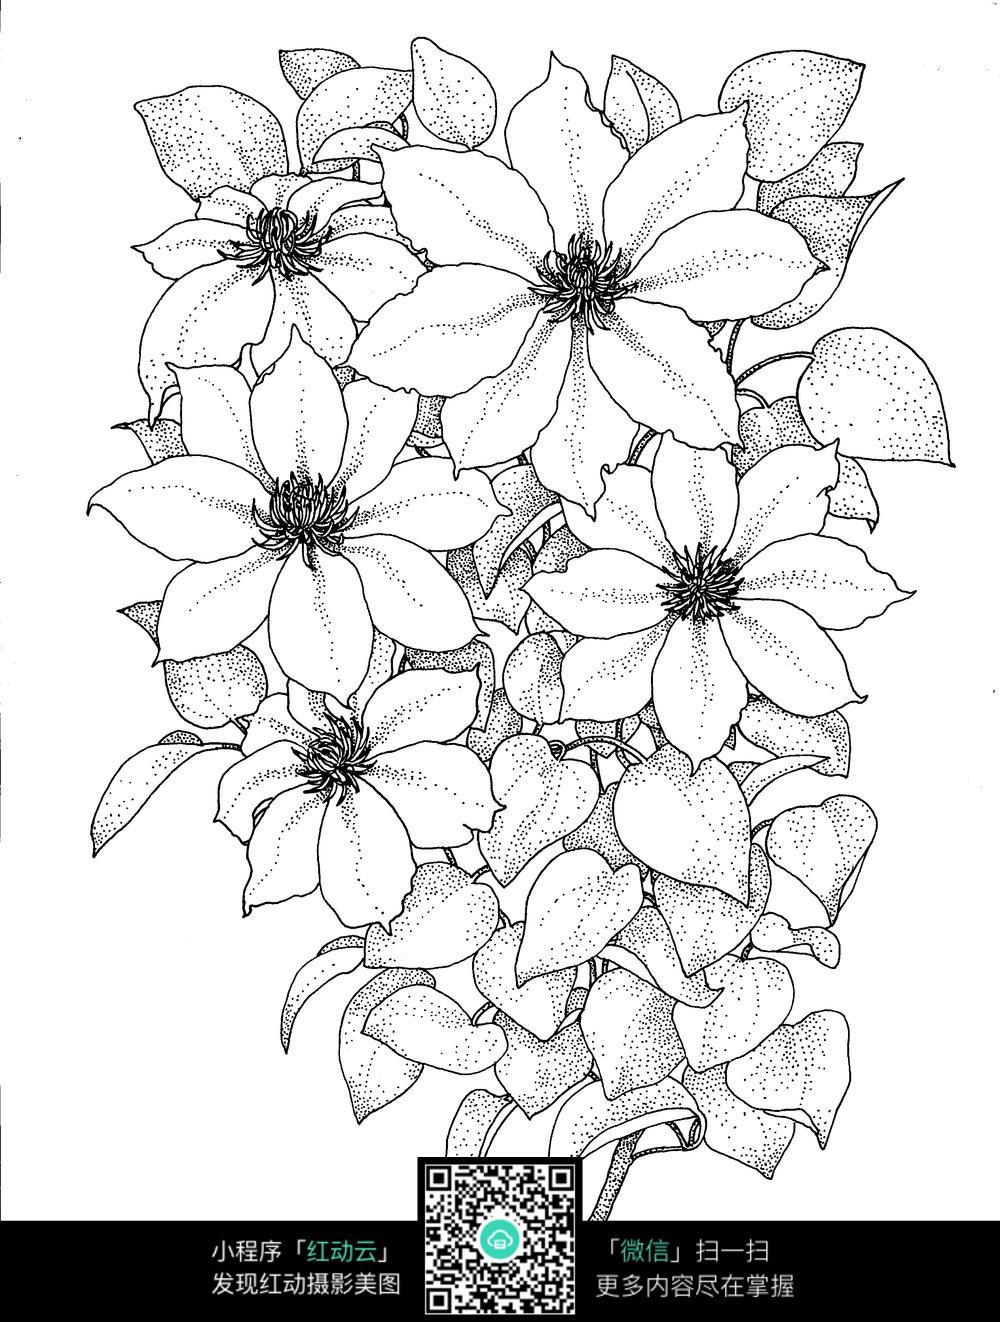 花朵叶子刺绣图案素材